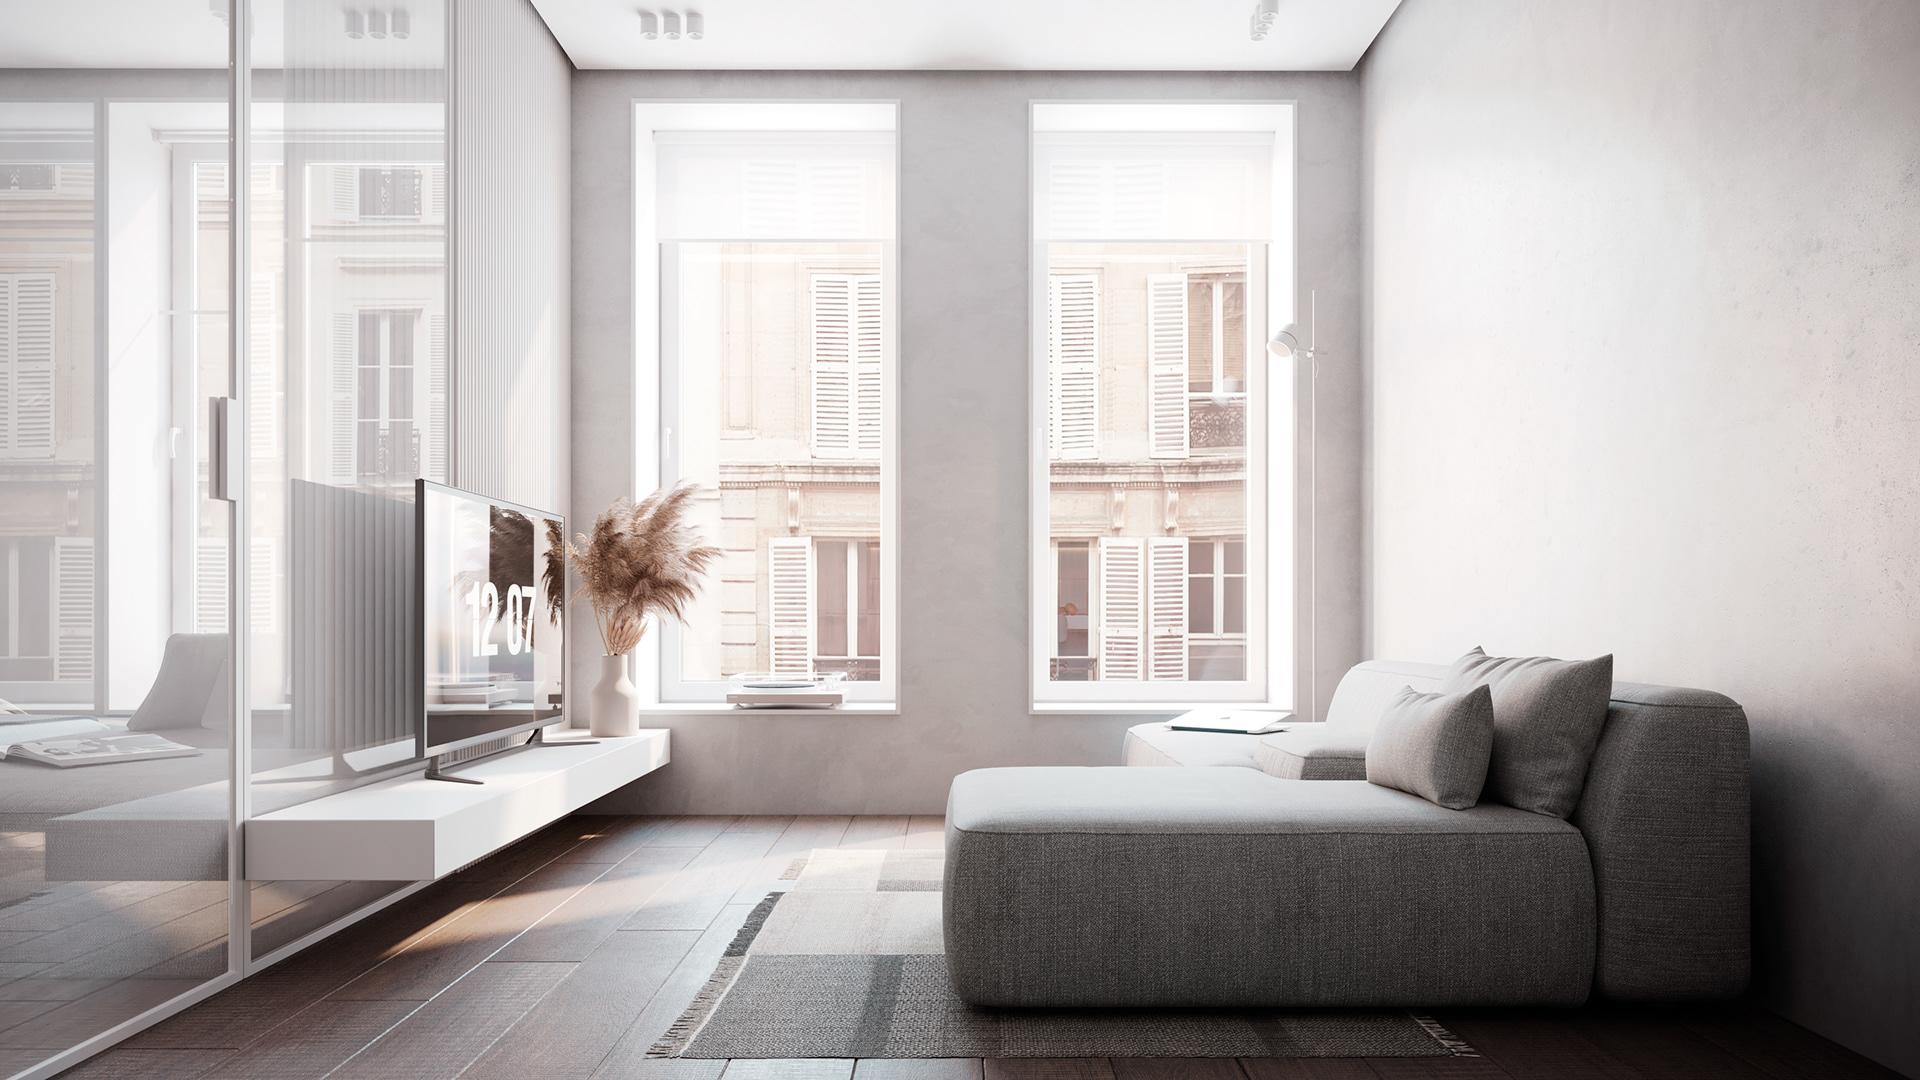 Sofa màu ghi xám là điểm nhấn cho căn phòng